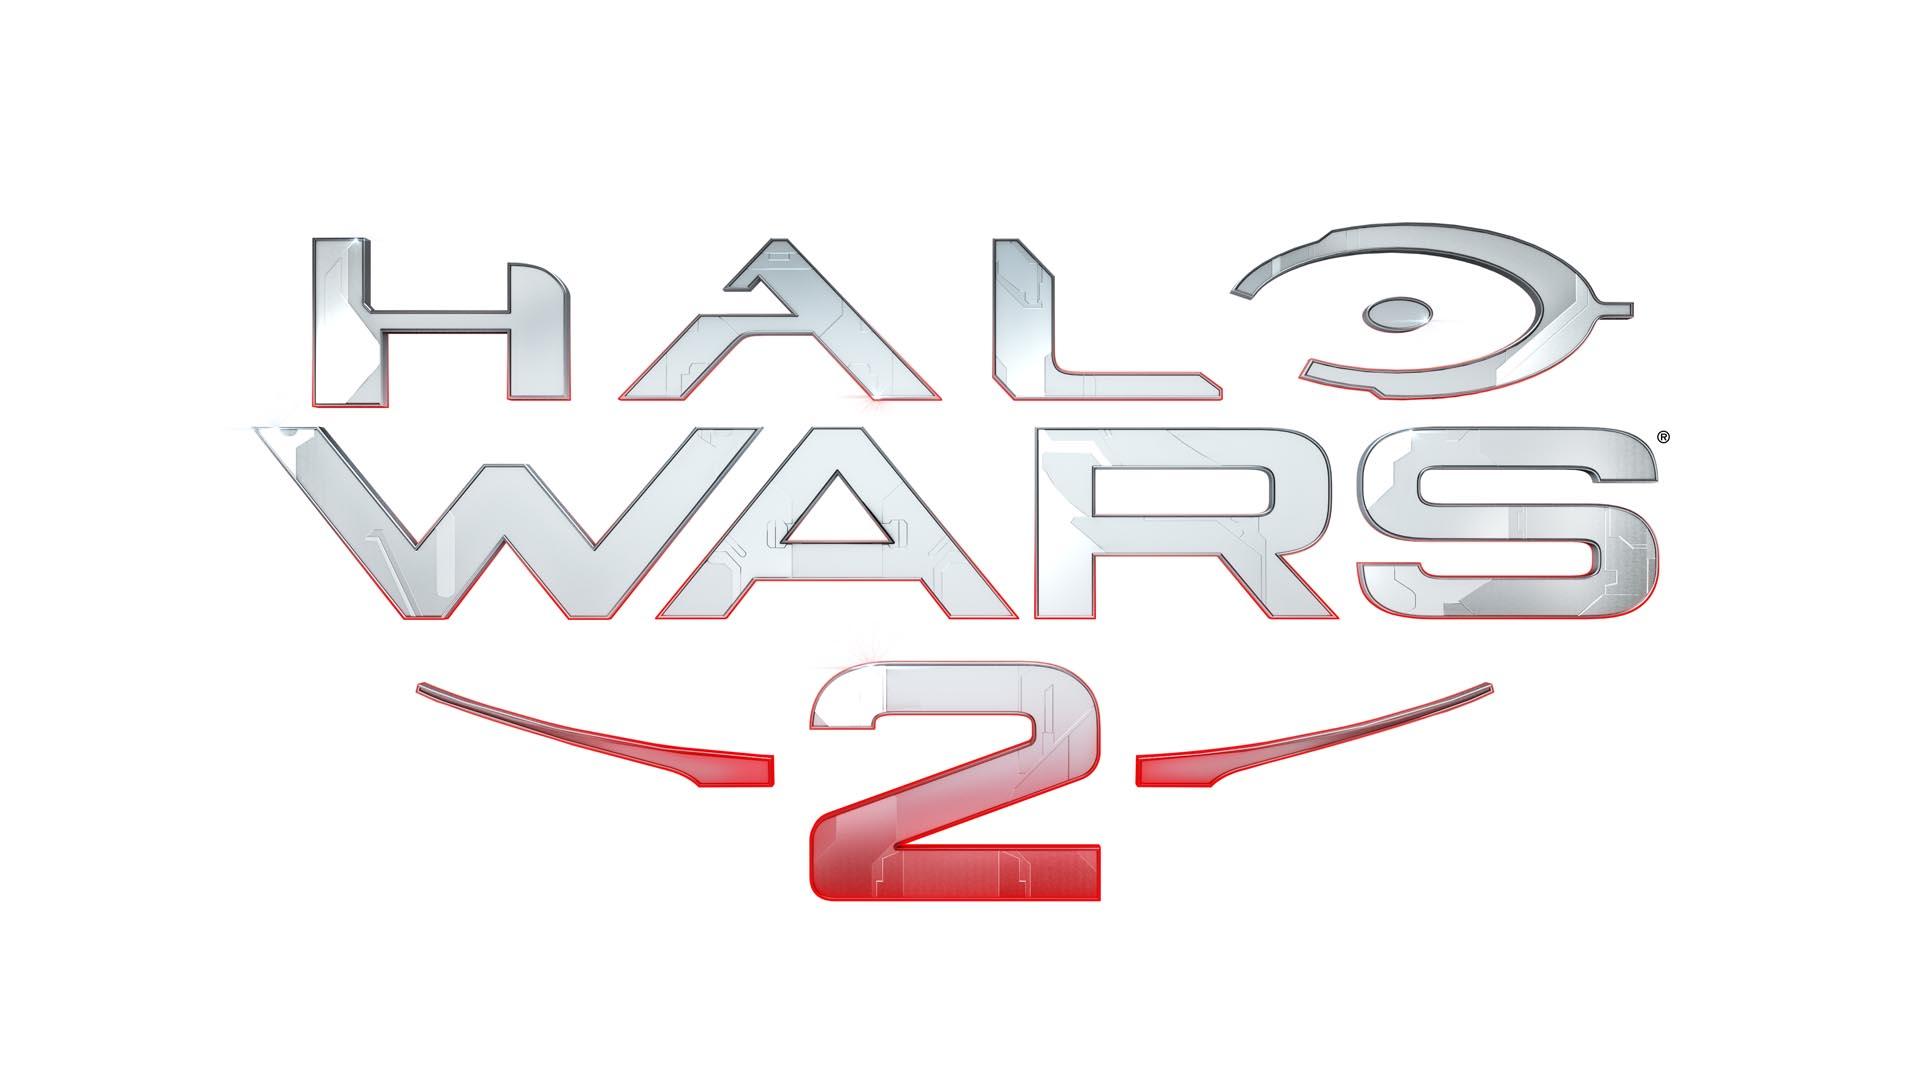 THQ Nordic veröffentlicht Halo Wars 2 in Kooperation mit 343 Industries und Microsoft Studios als physische Version für Windows 10